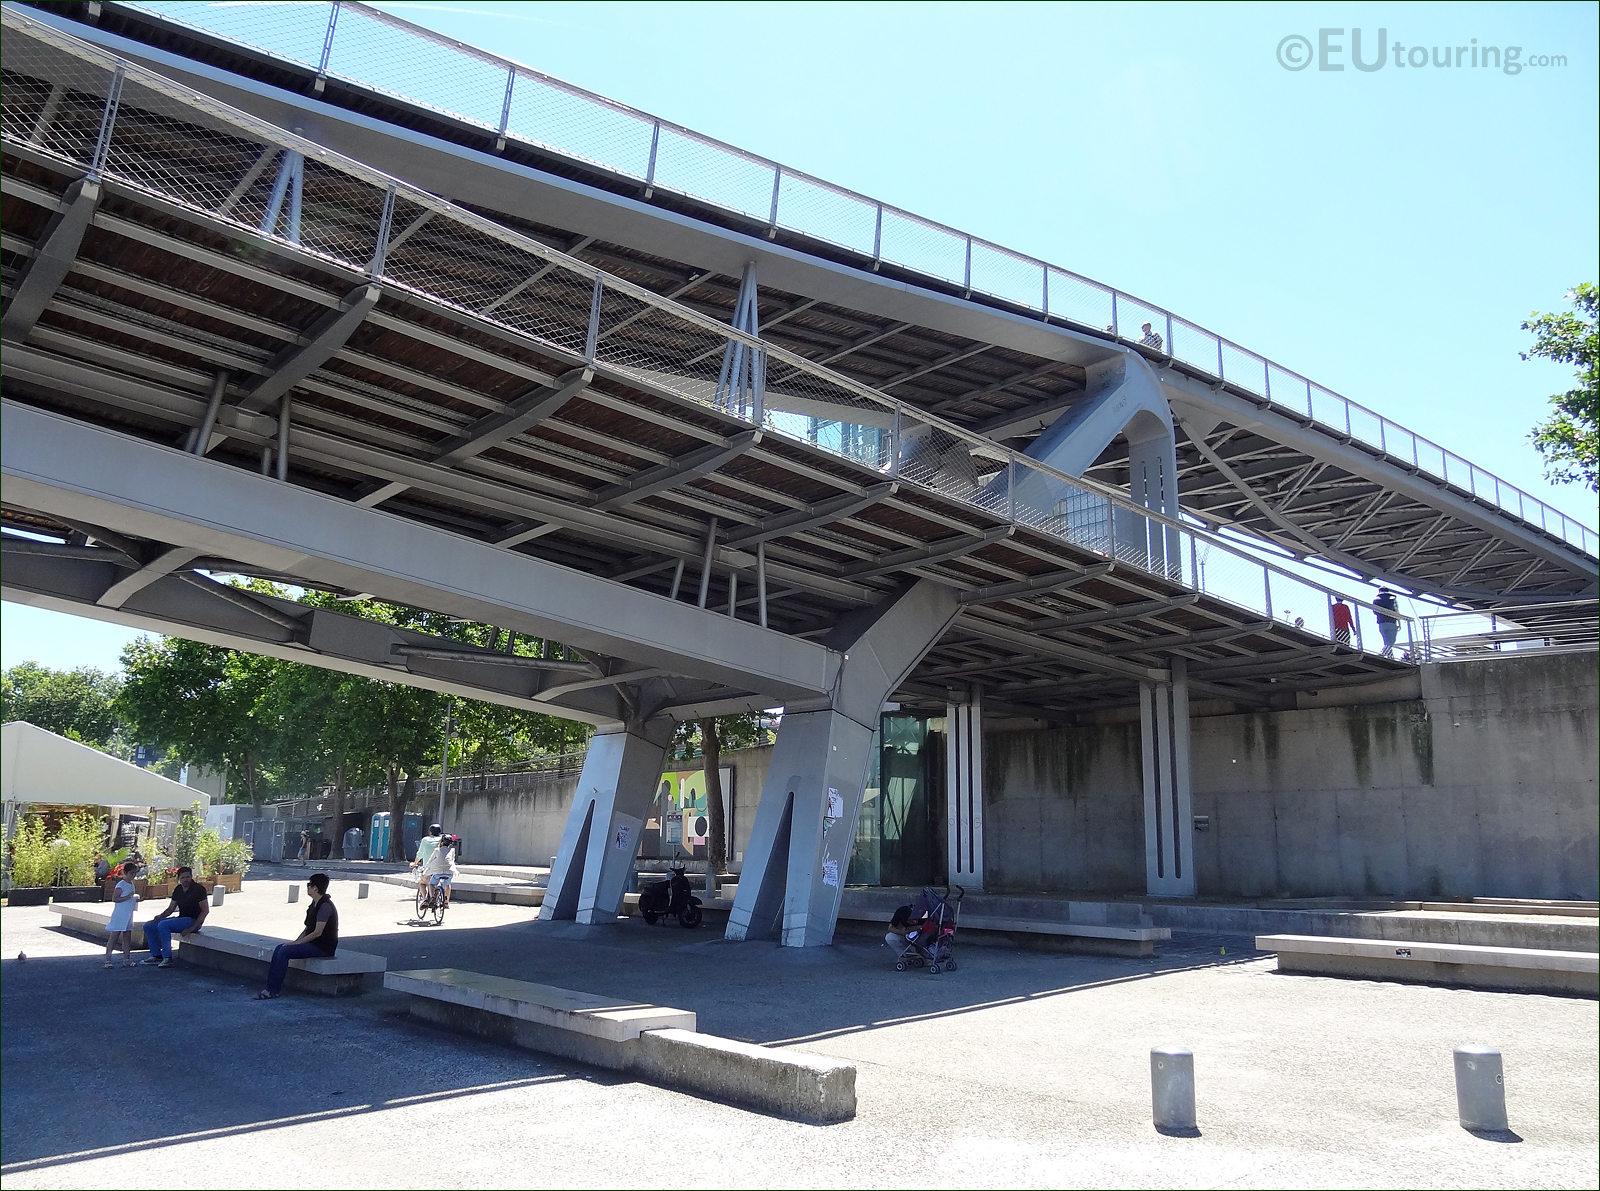 Hd photographs of passerelle simone de beauvoir bridge paris for Passerelle definition